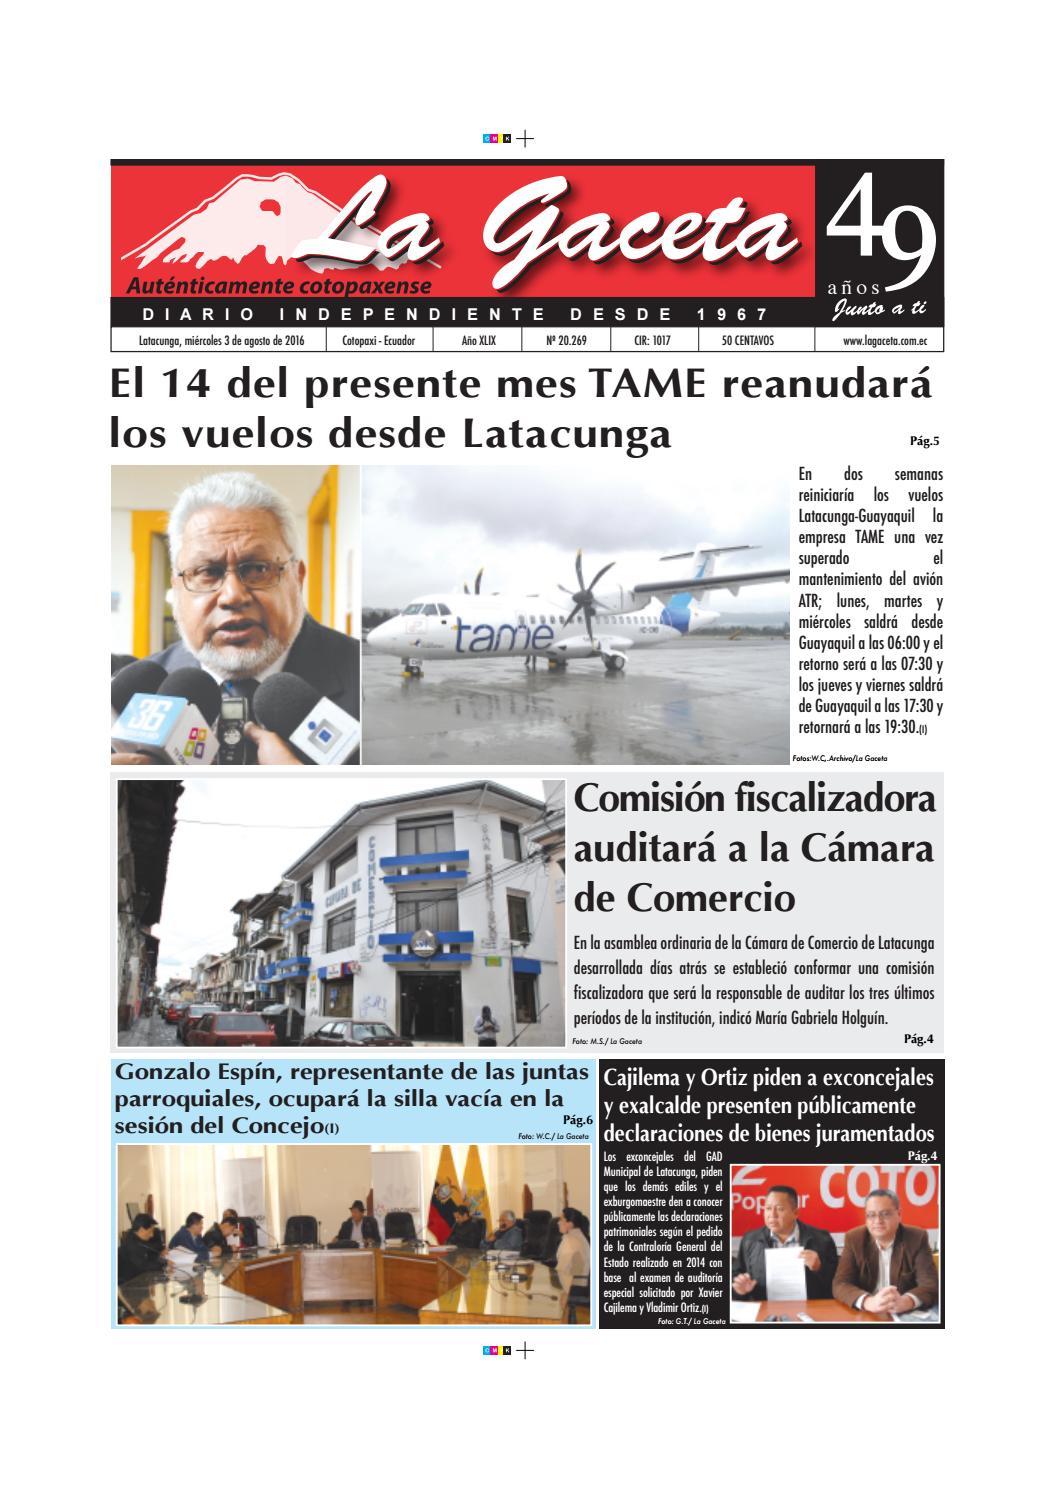 La Gaceta 3 agosto 2016 by Diario La Gaceta - issuu